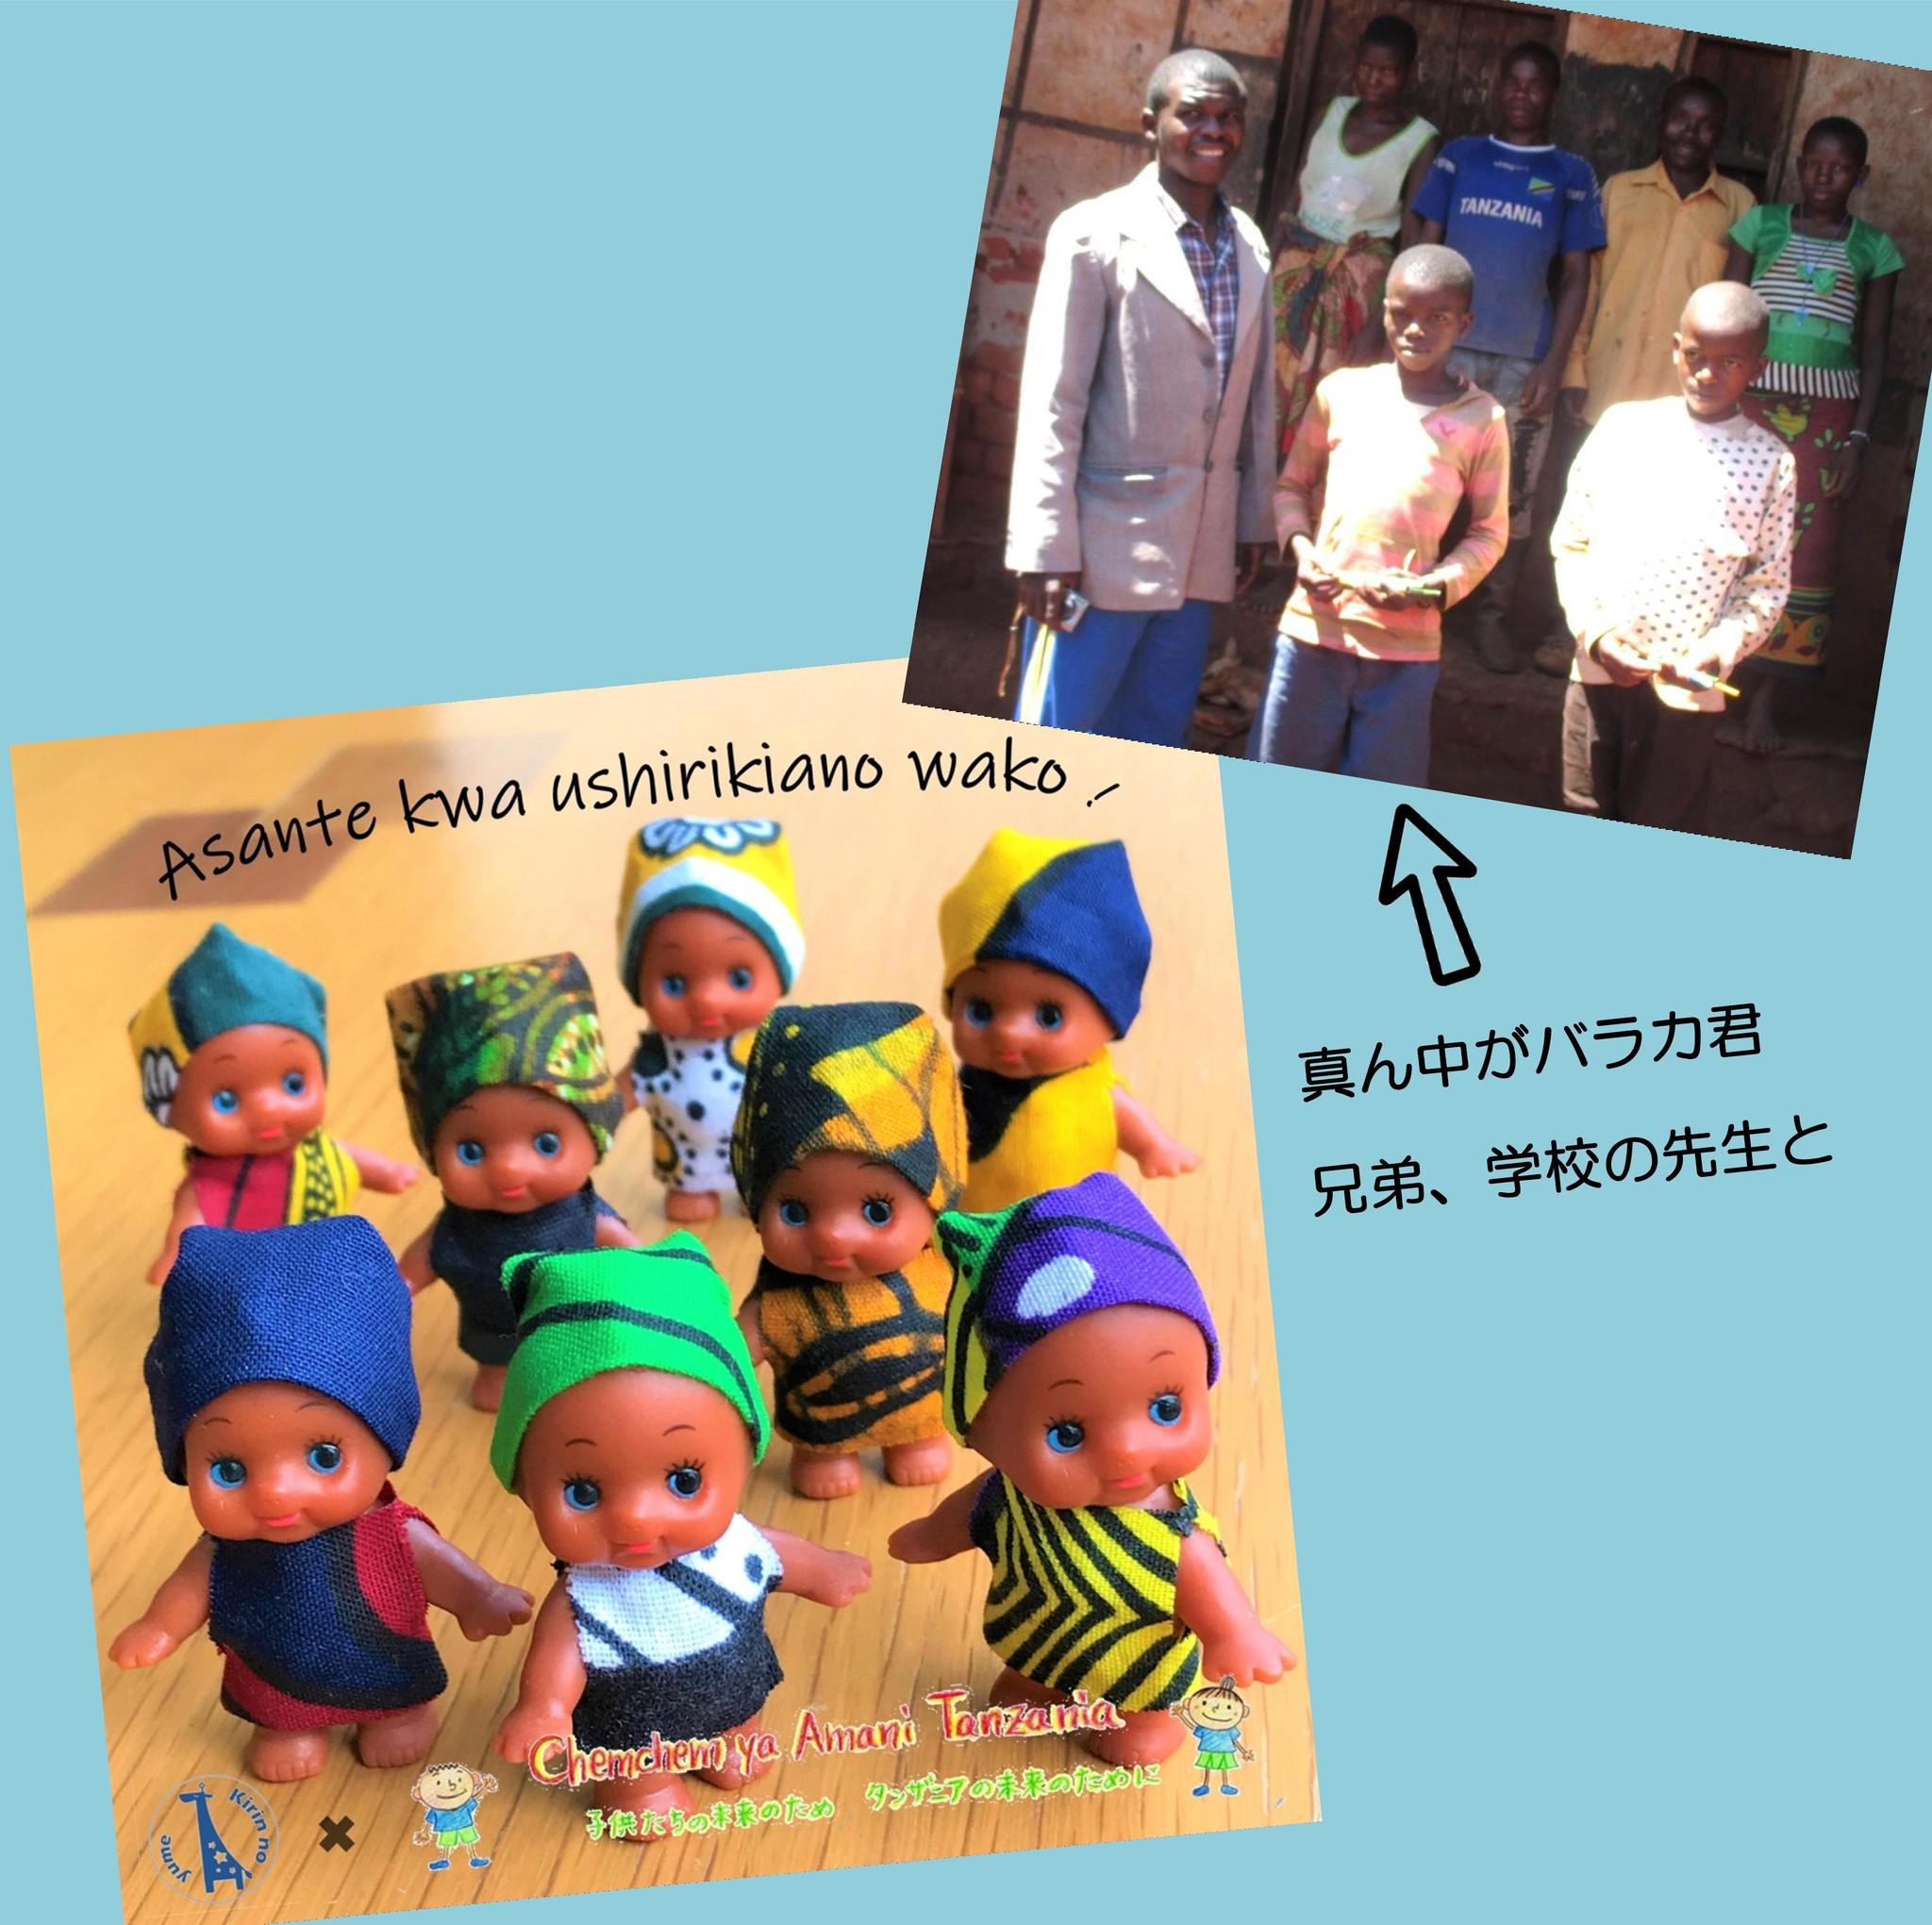 【NGOとのコラボ企画】タンザニアの子ども支援/未来を届ける愛のキューピッド